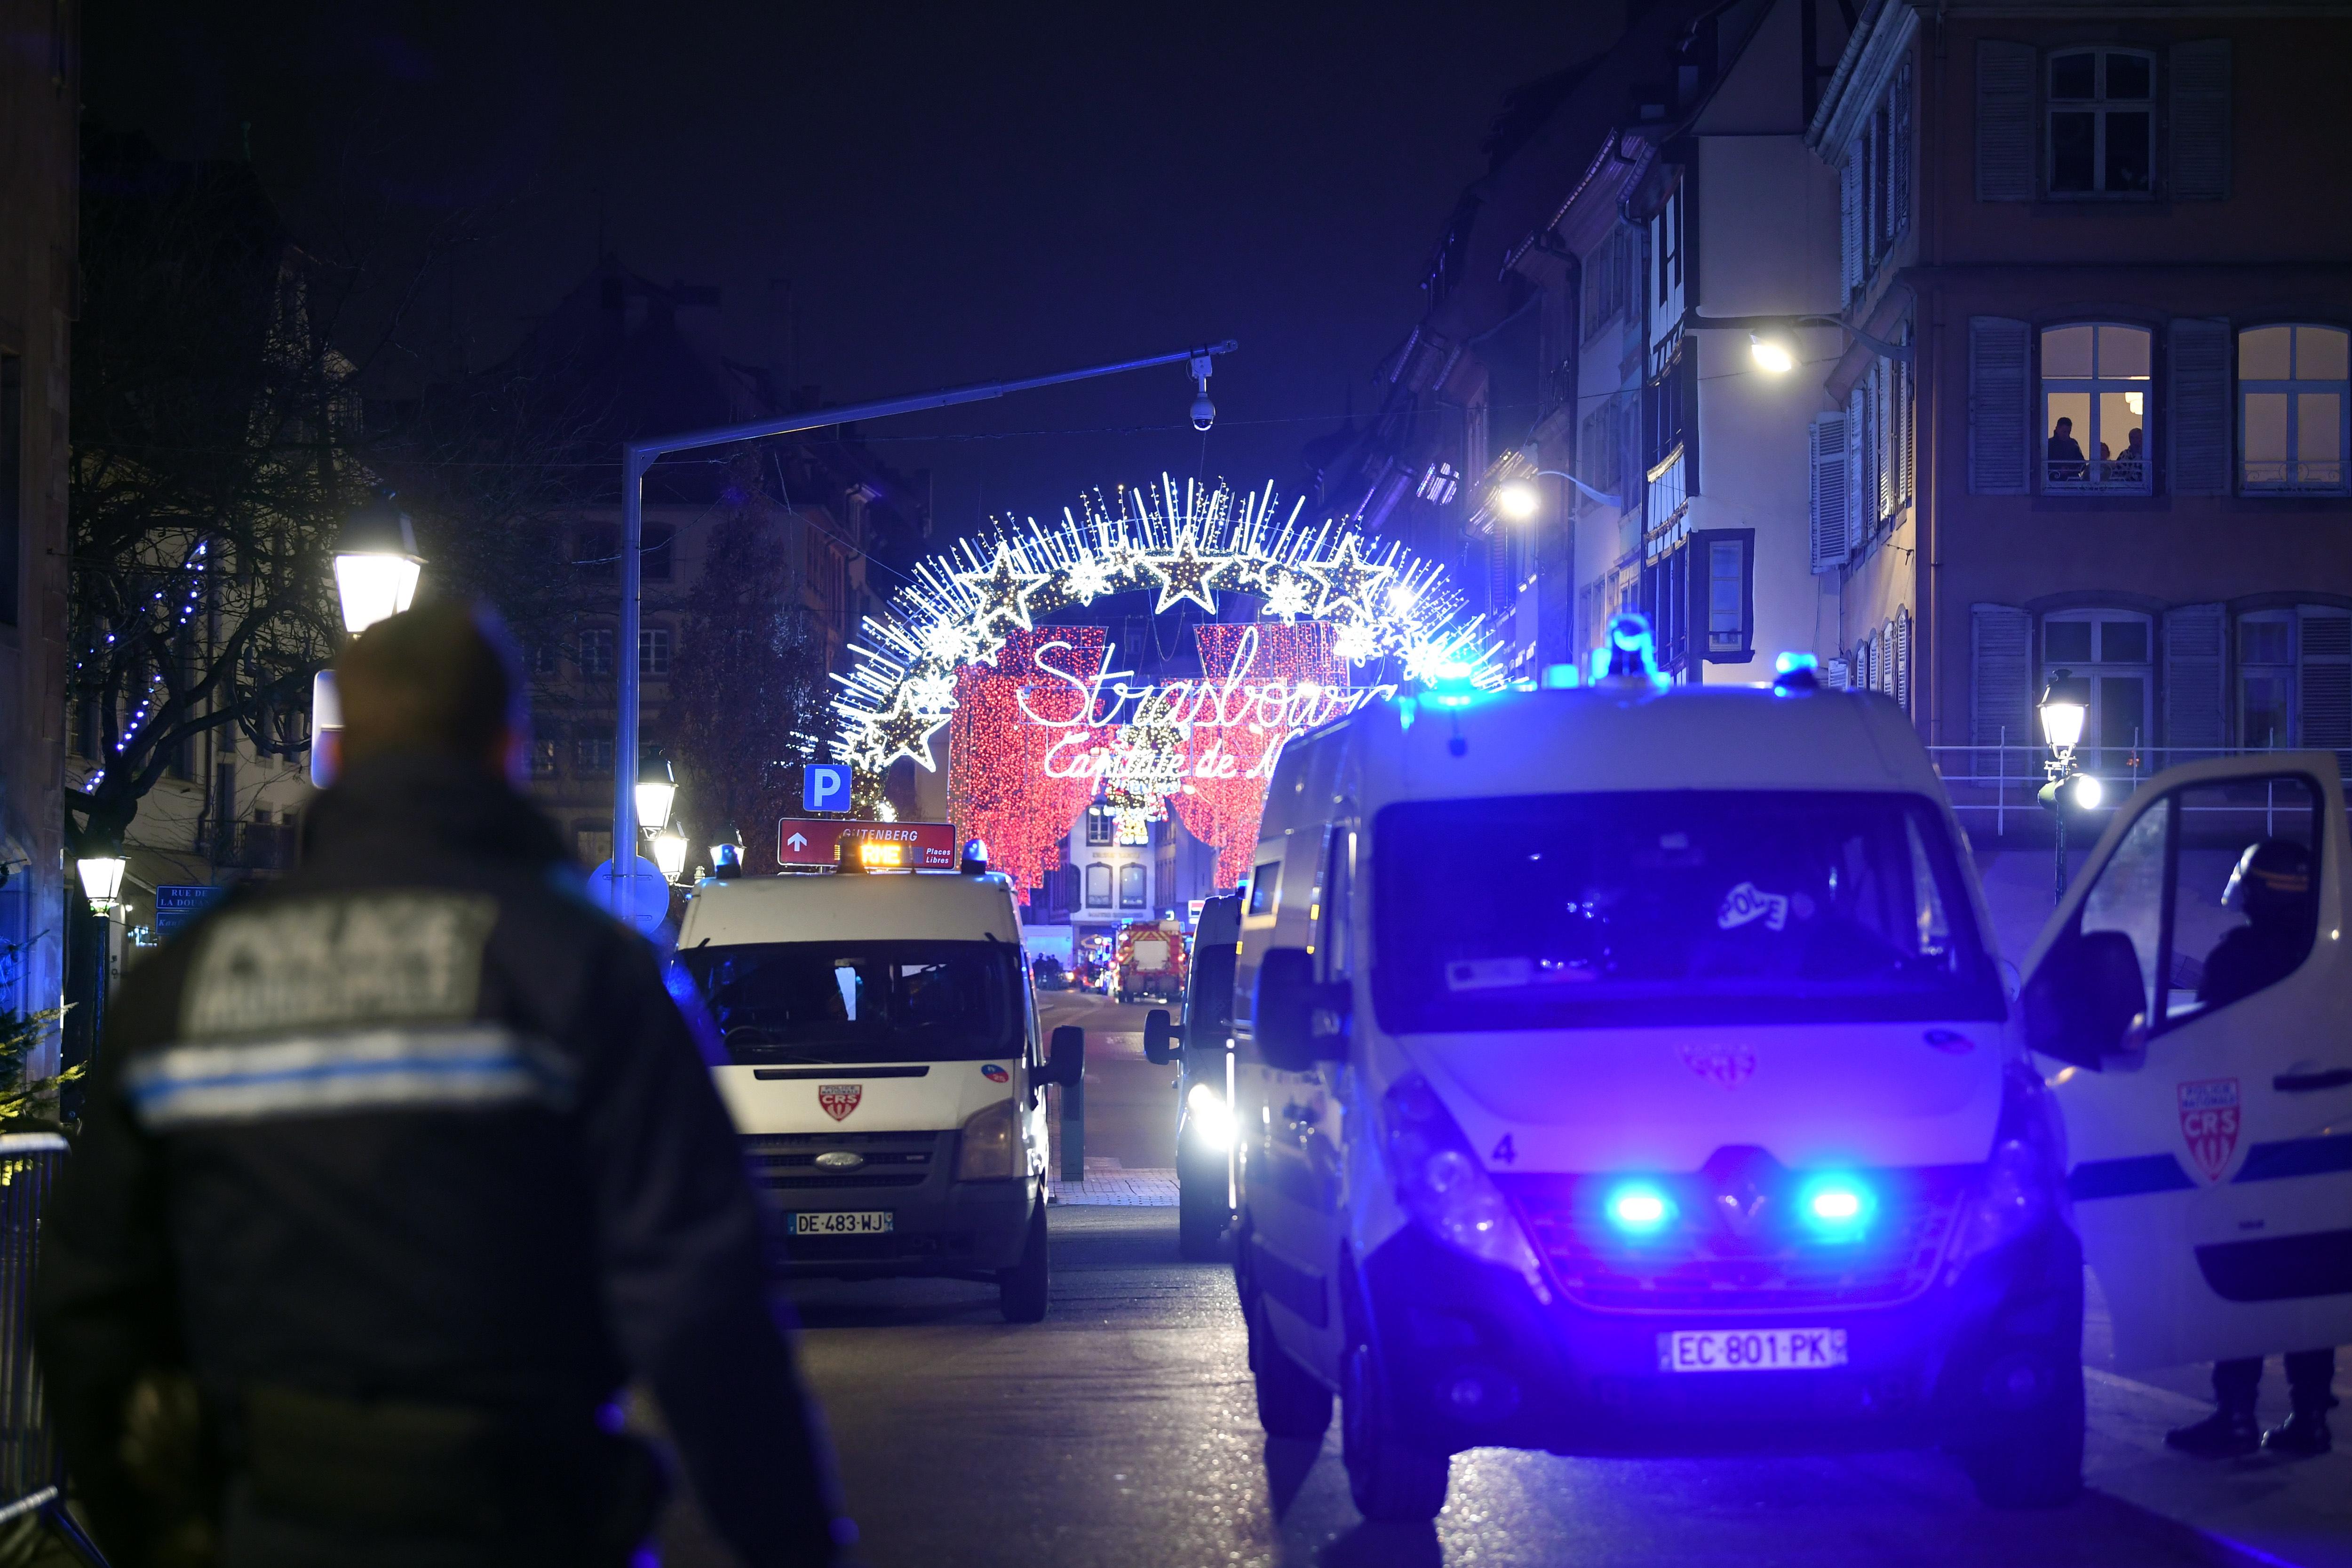 Френската полиция подозира, че стрелбата близо до коледния базар в Страсбург е терористичен акт, предаде ДПА. Полицията съобщи, че при инцидента са загинали четирима души и са били ранени 11. Нападателят е избягал от местопрестъплението и се издирва. Той е бил ранен след престрелка с полицията.